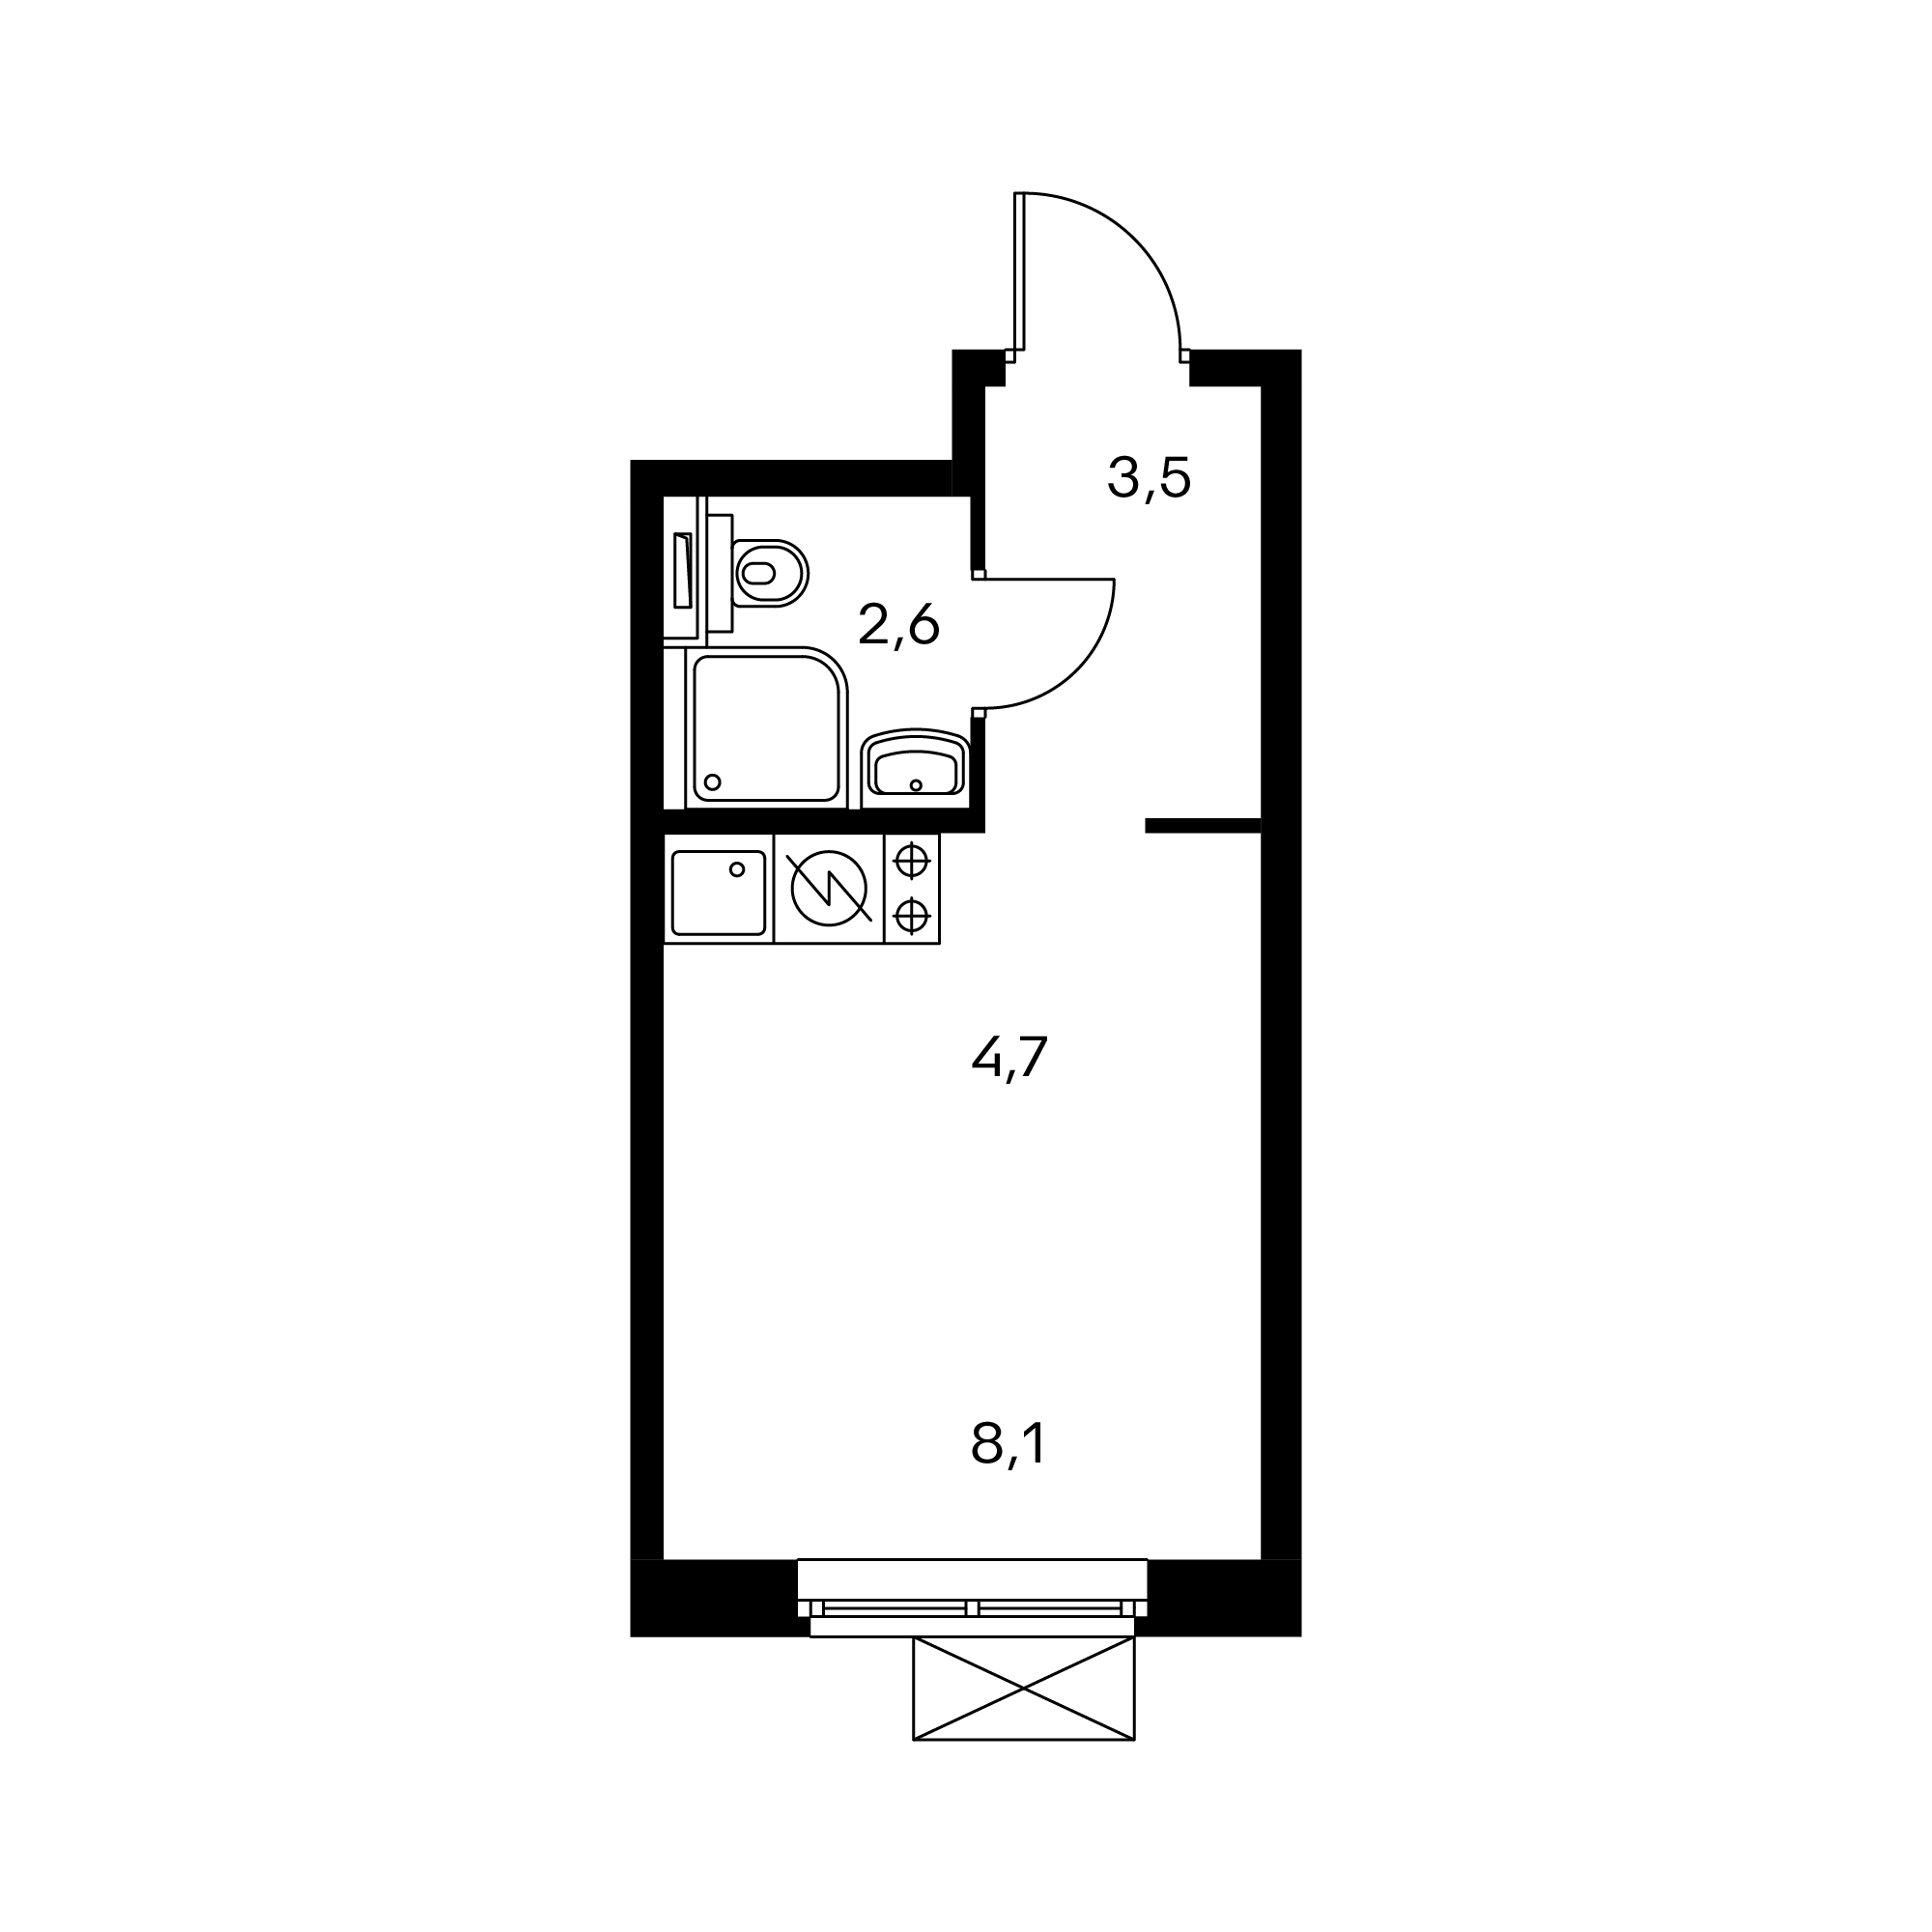 1NS2_3.45-1_S_A